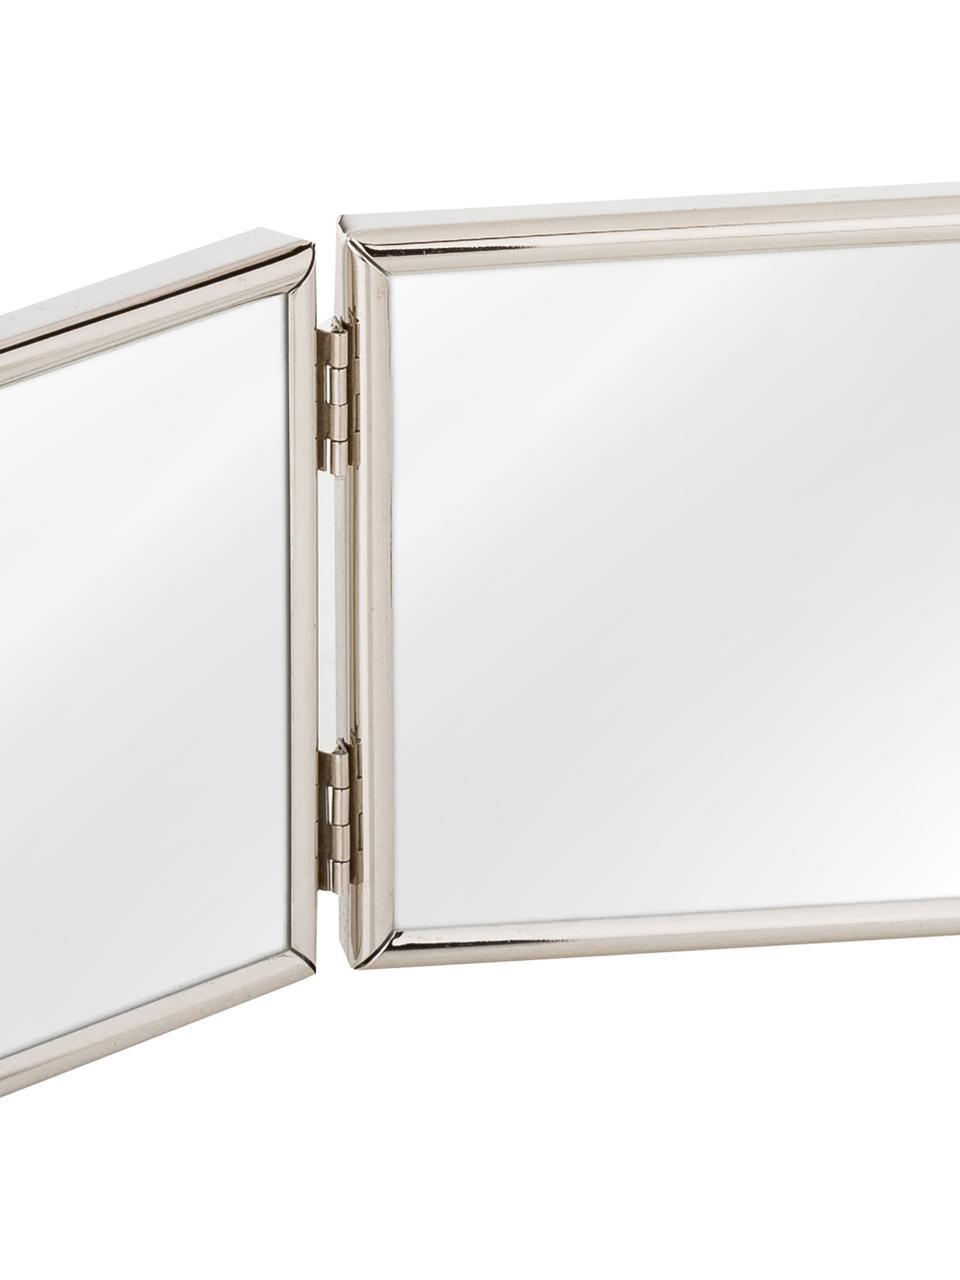 Ramka na zdjęcia Carla, Rama: srebrny<br>Front: transparentny, S 15 x W 10 cm